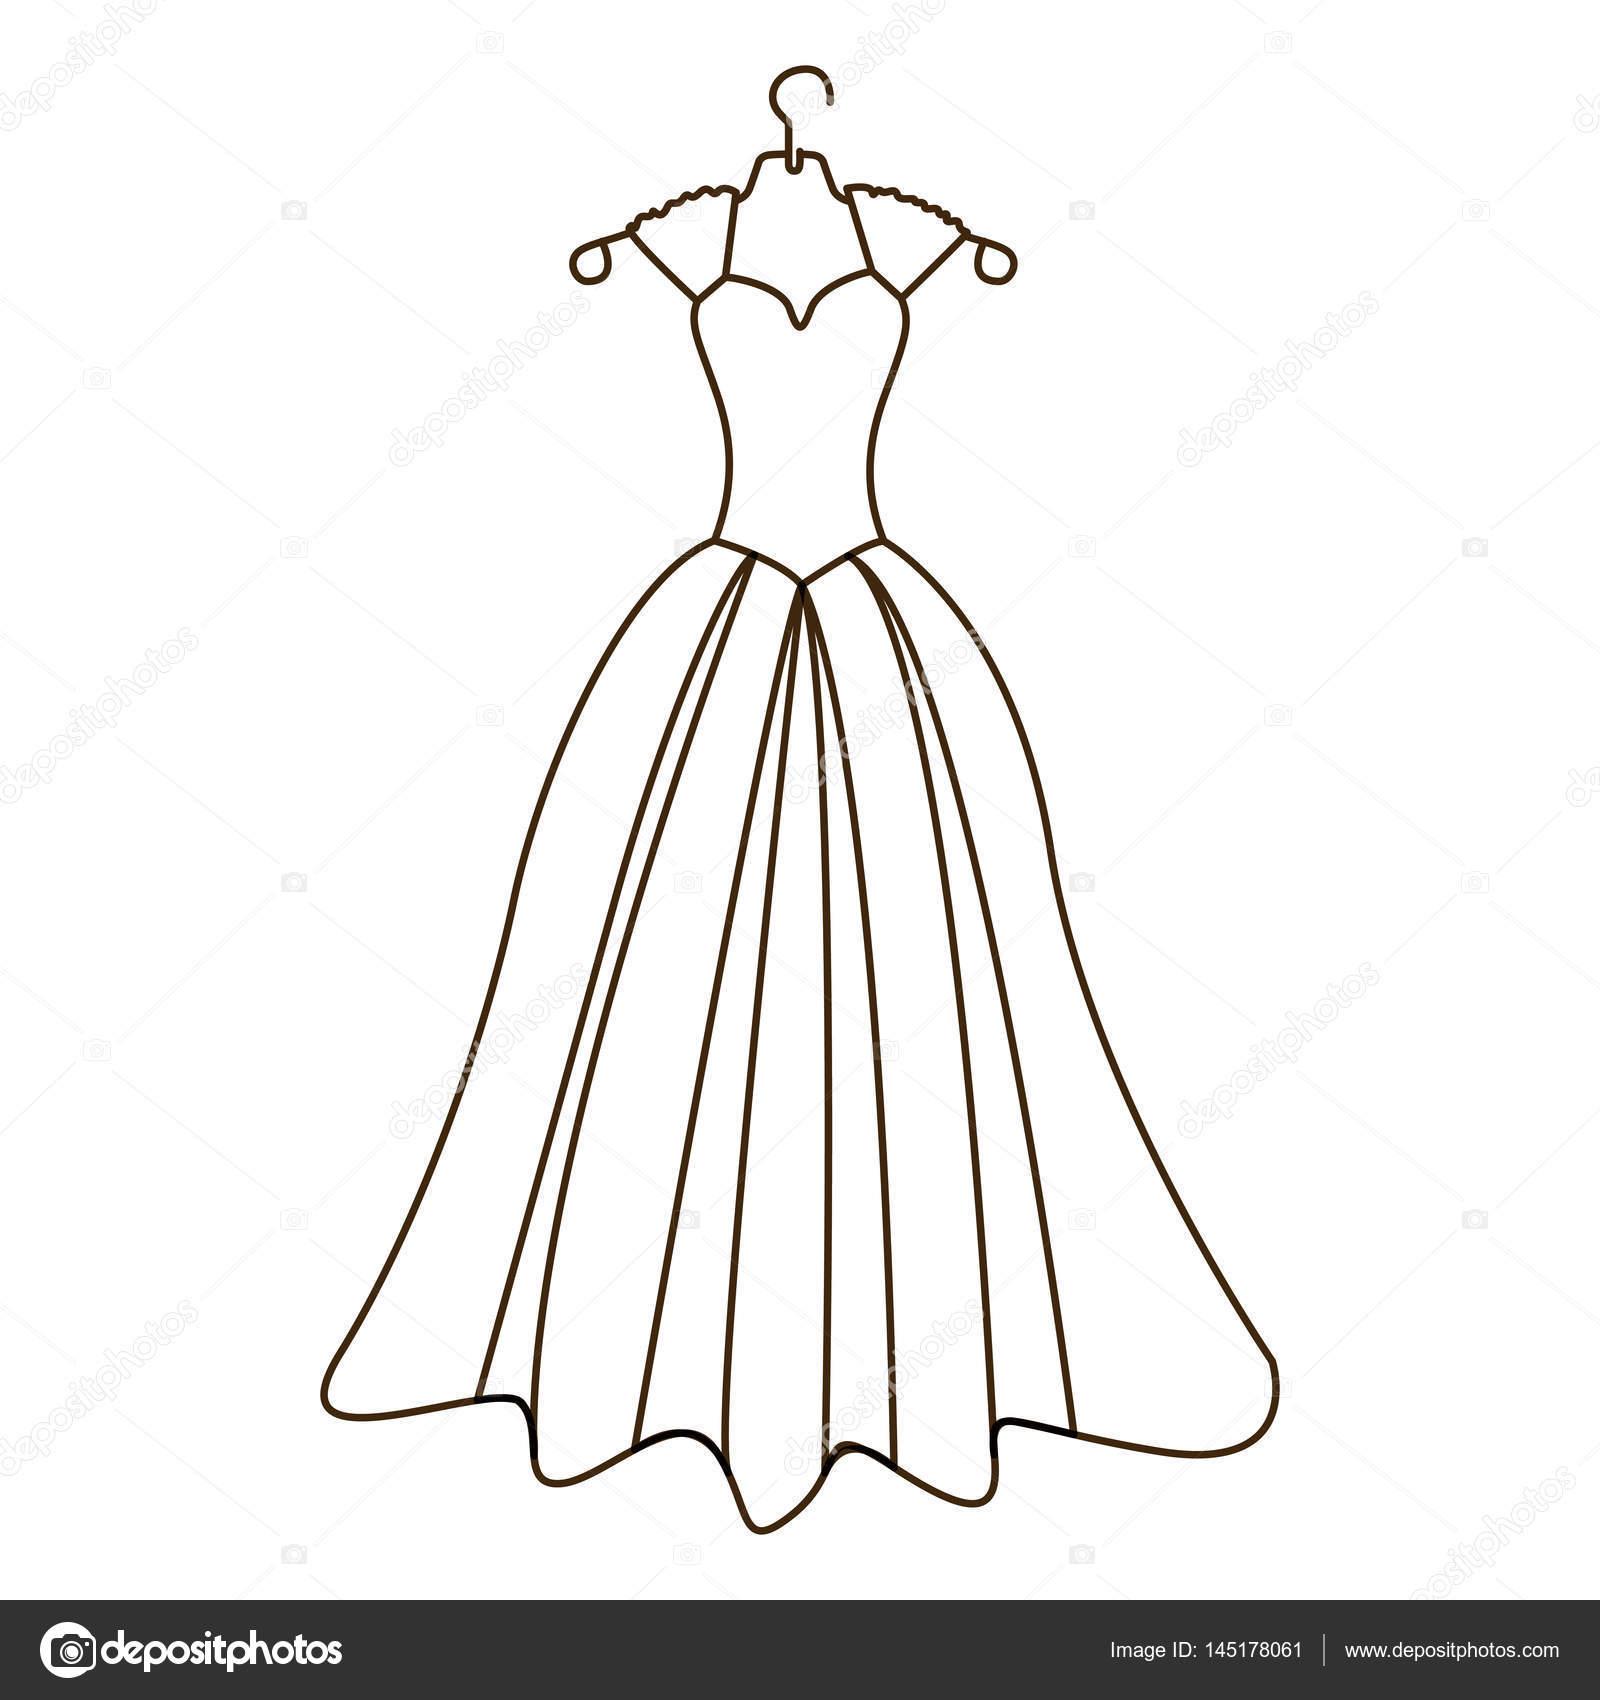 Skizze Silhouette Kostüm Brautkleid Stockvektor